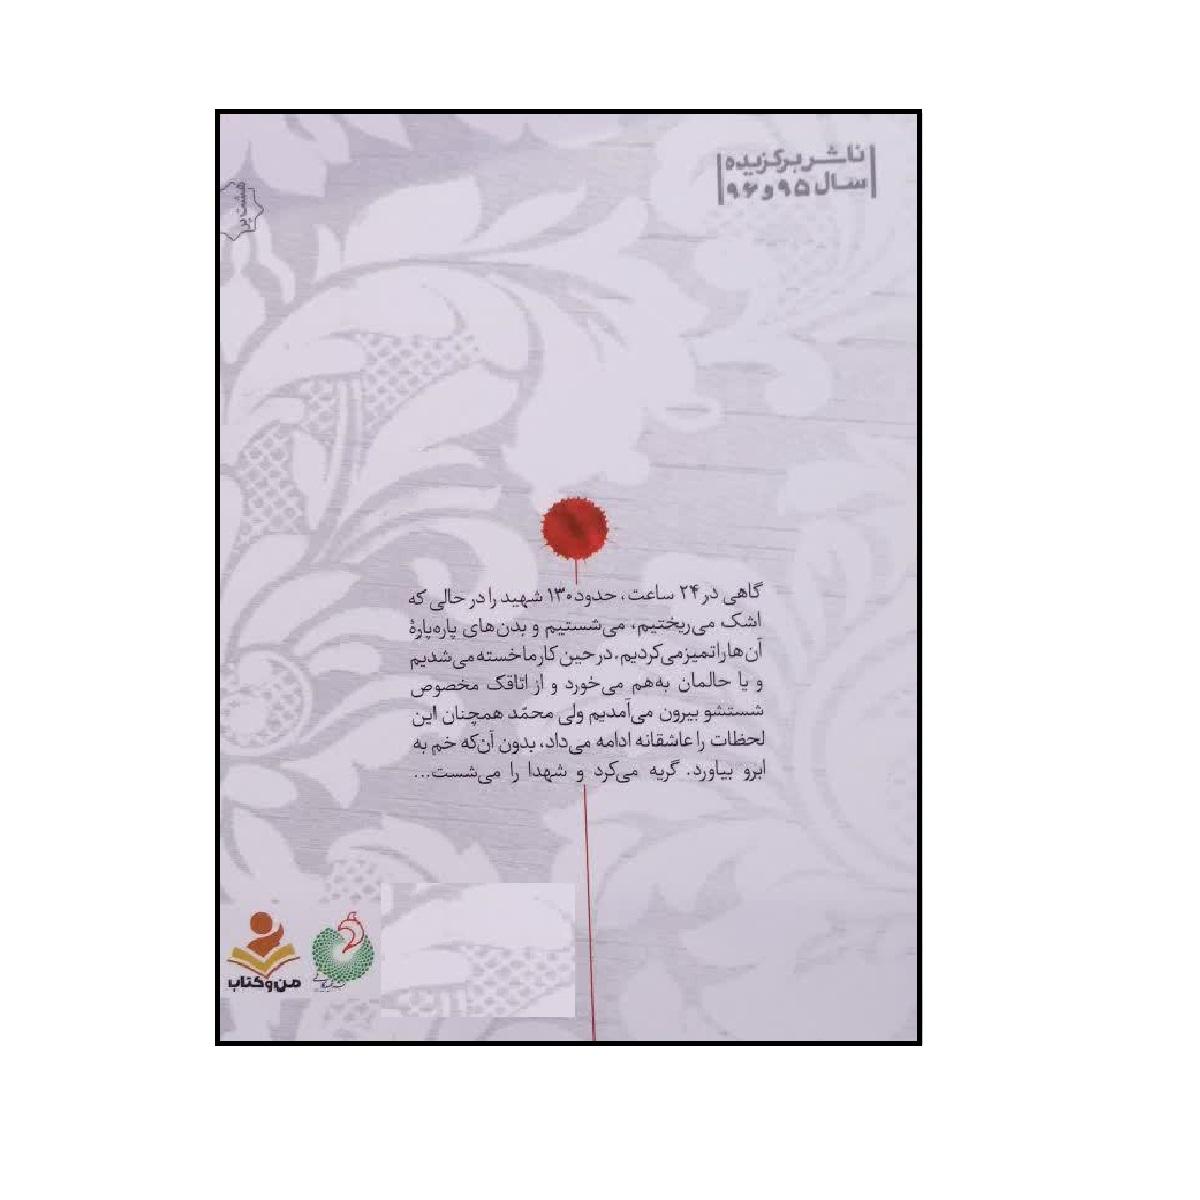 کتاب لحظه های عاشقی اثر آذر همتی انتشارات شهید کاظمی